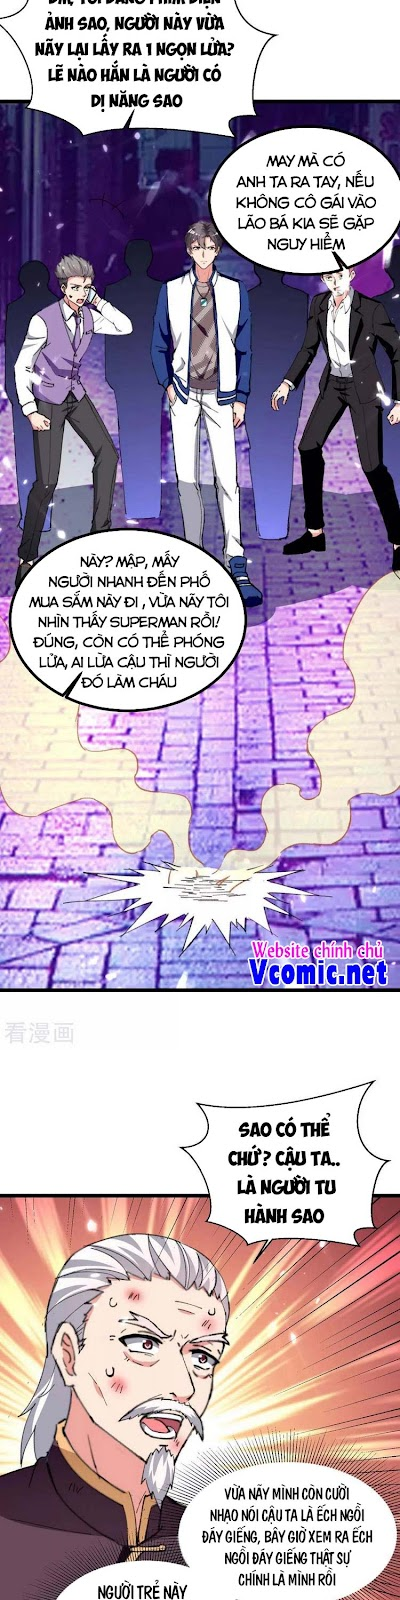 Trọng Sinh Khí Thiếu Quy Lai Chương 230 - Vcomic.net